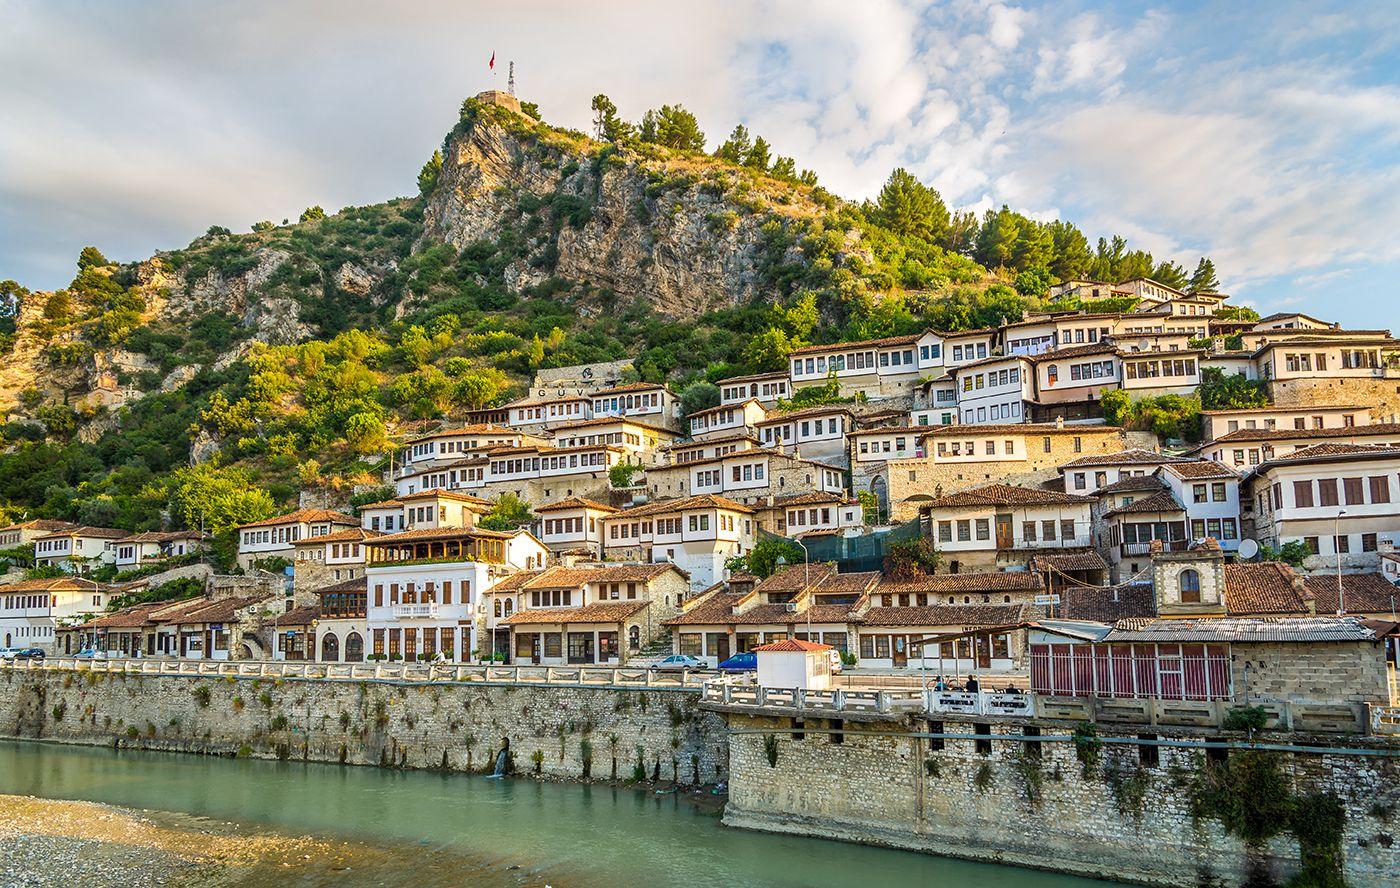 Bezoek de hoofdstad Tiranmet het Skanderbegplein en struin door de geplaveide straten met houten winkels in Kruje. Maak kennis met de karakteristieke gebouwen in museumstad Berat, welke opgenomen is op de Werelderfgoedlijst van UNESCO